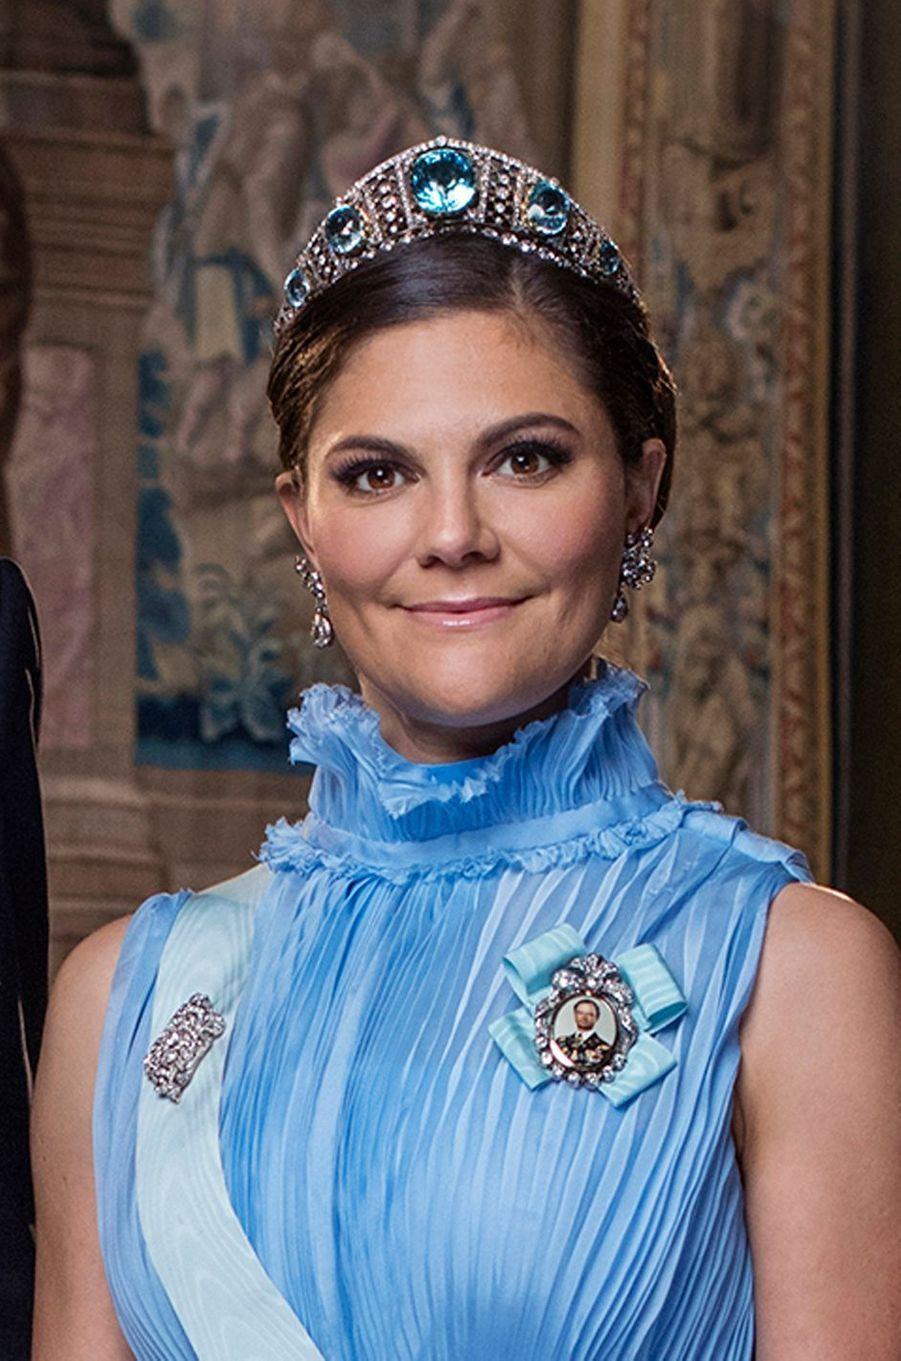 La princesse Victoria de Suède. Portrait officiel dévoilé début 2018